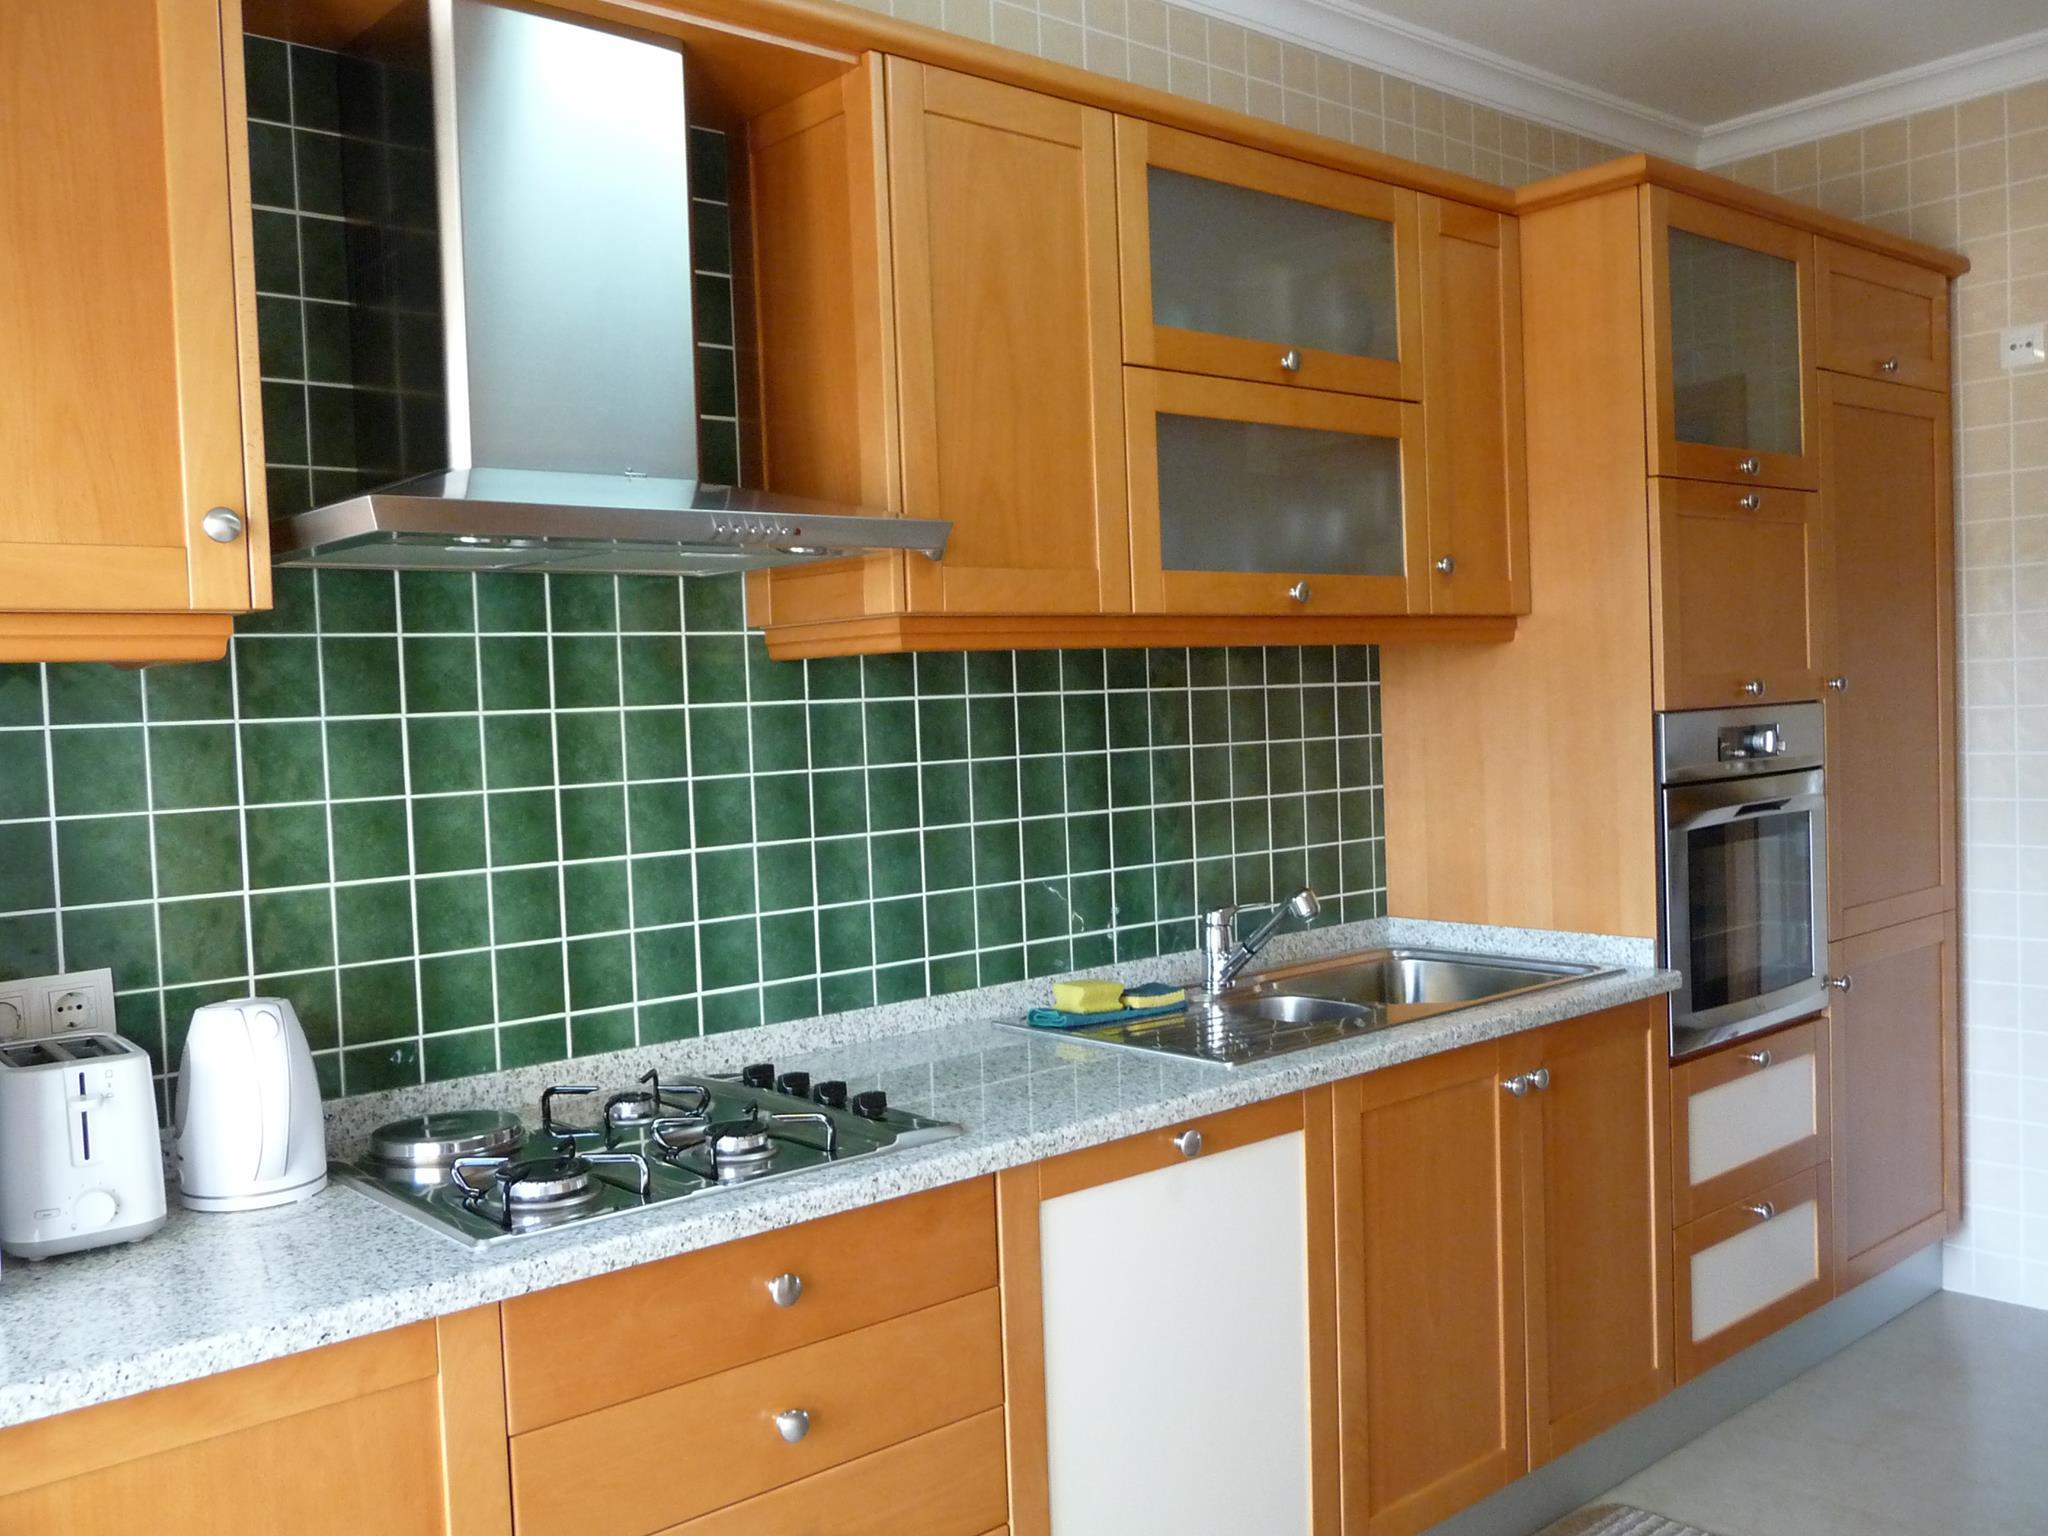 Location appartements et villas de vacance, ATLANTIDA Excellent Appartement à VILAMOURA à Vilamoura, Portugal Algarve, REF_IMG_648_727